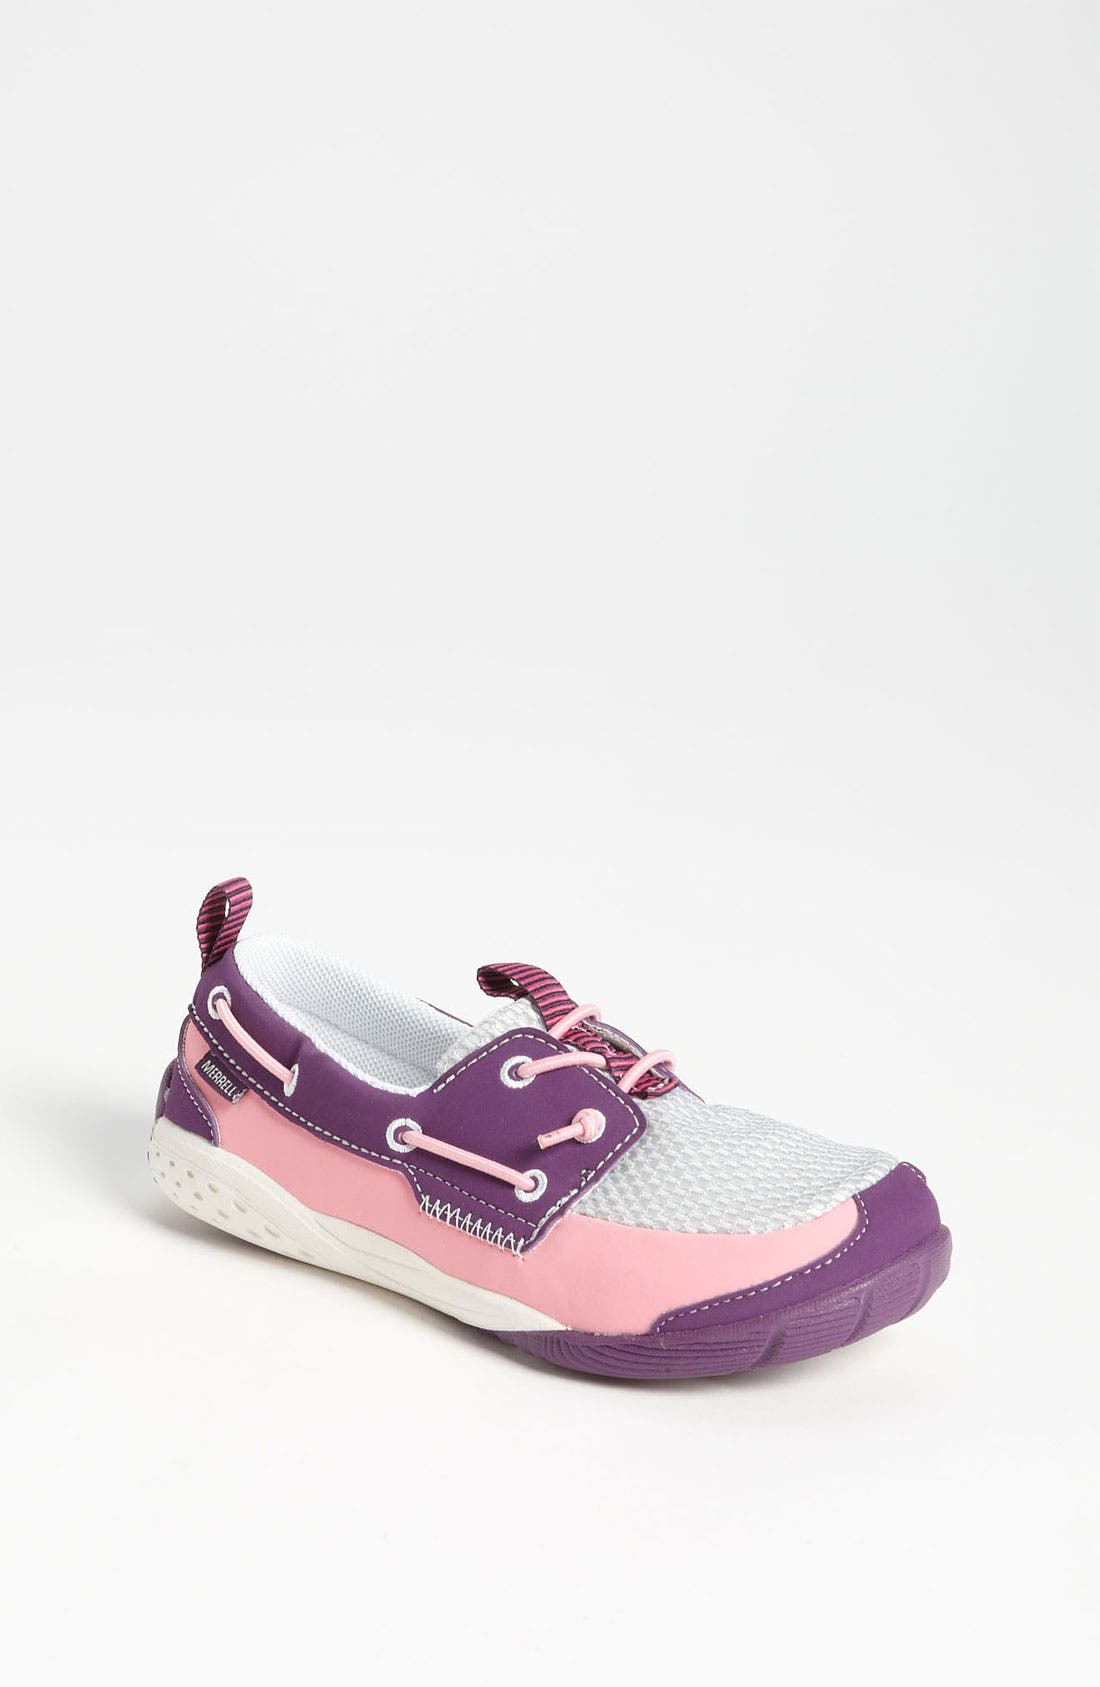 Alternate Image 1 Selected - Merrell 'Dock Glove' Sneaker (Toddler, Little Kid & Big Kid)